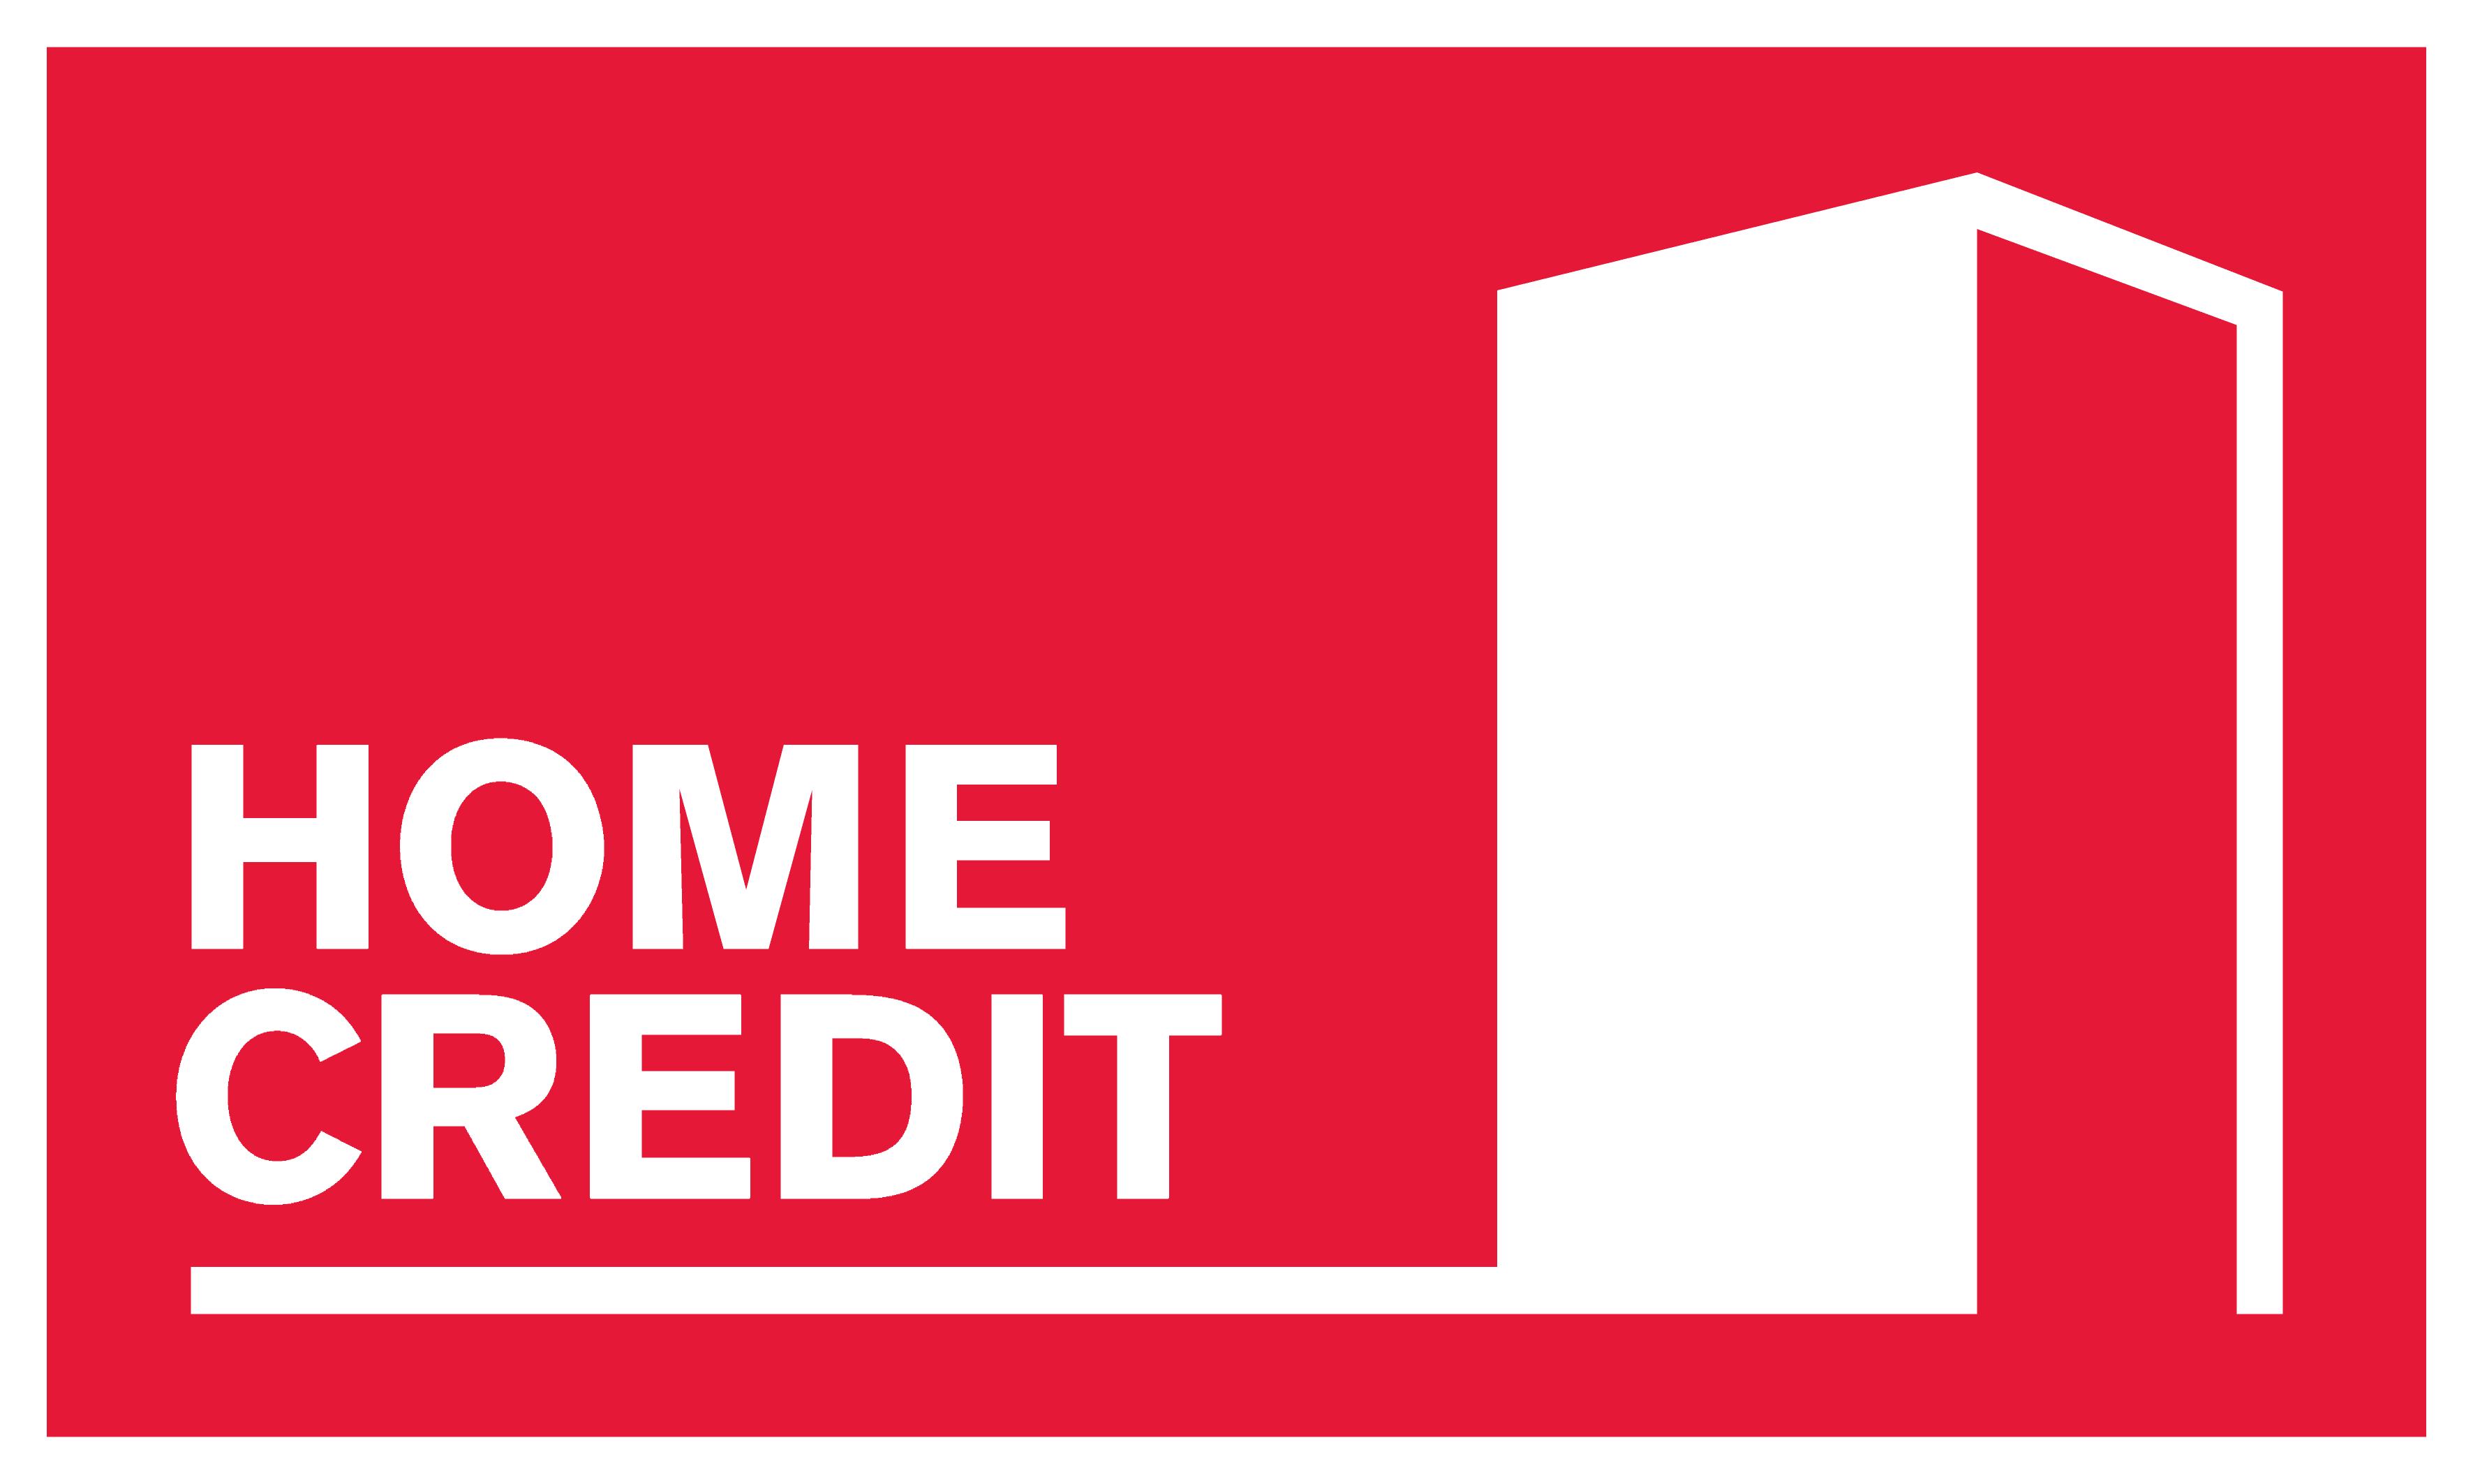 Kết quả hình ảnh cho home credit